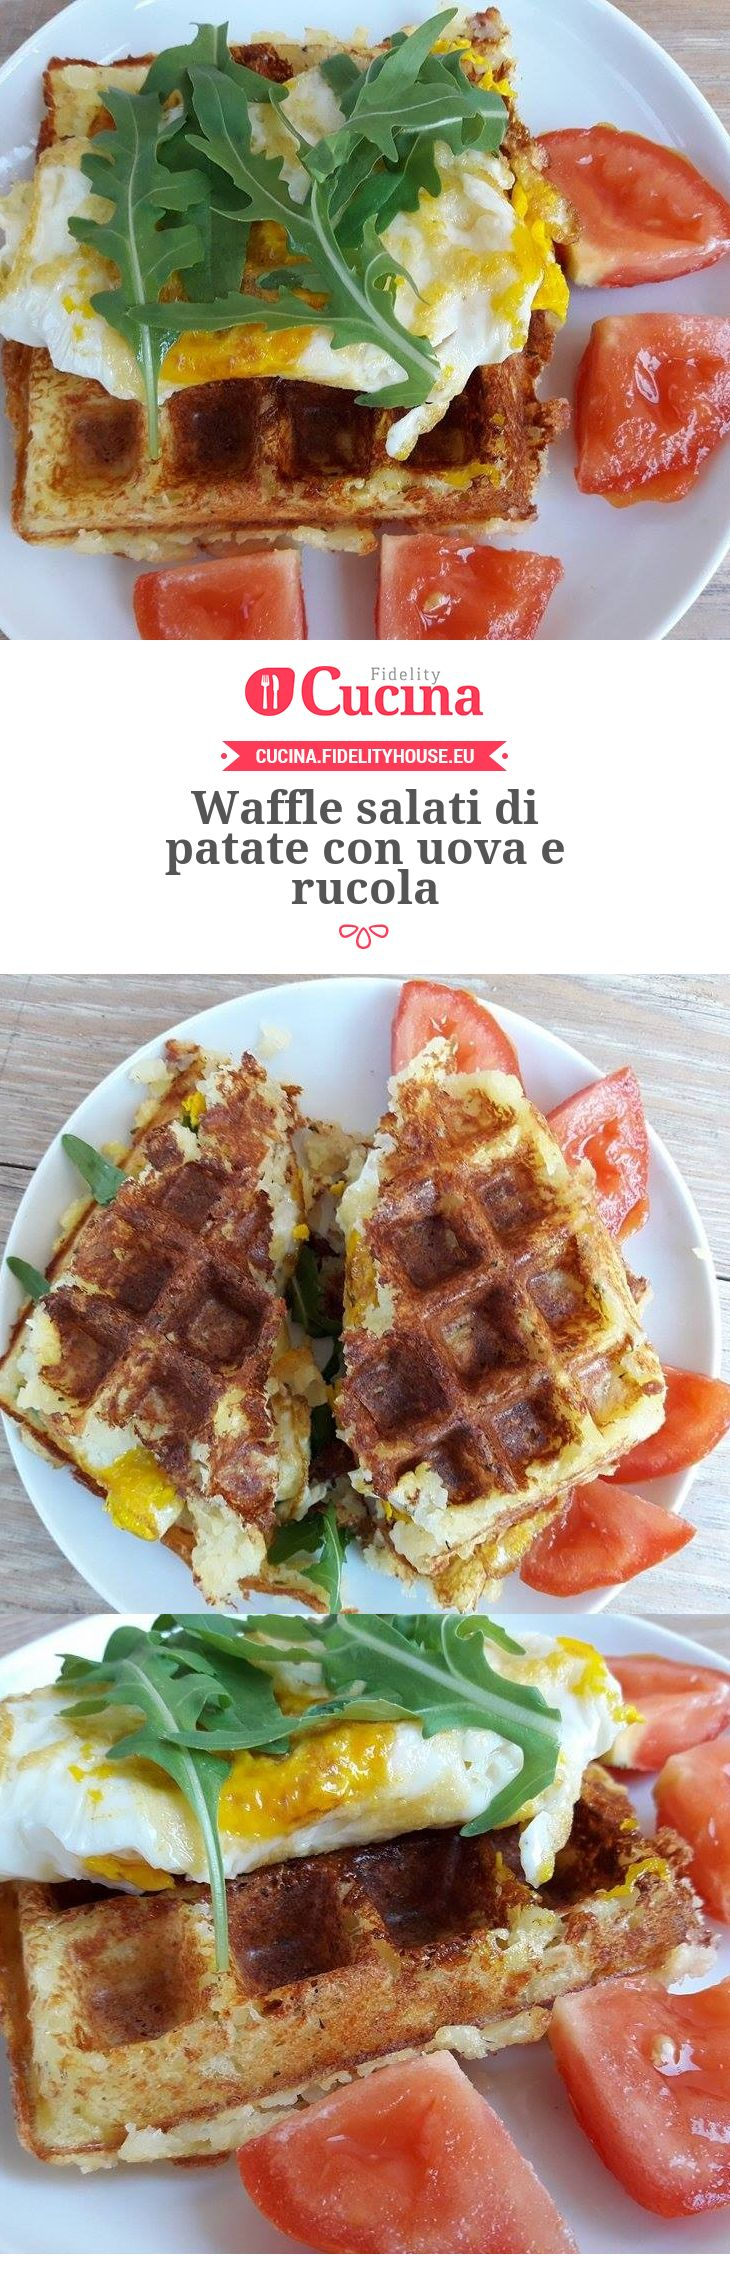 #Waffle salati di #patate con uova e #rucola della nostra utente Vittoria. Unisciti alla nostra Community ed invia le tue ricette!